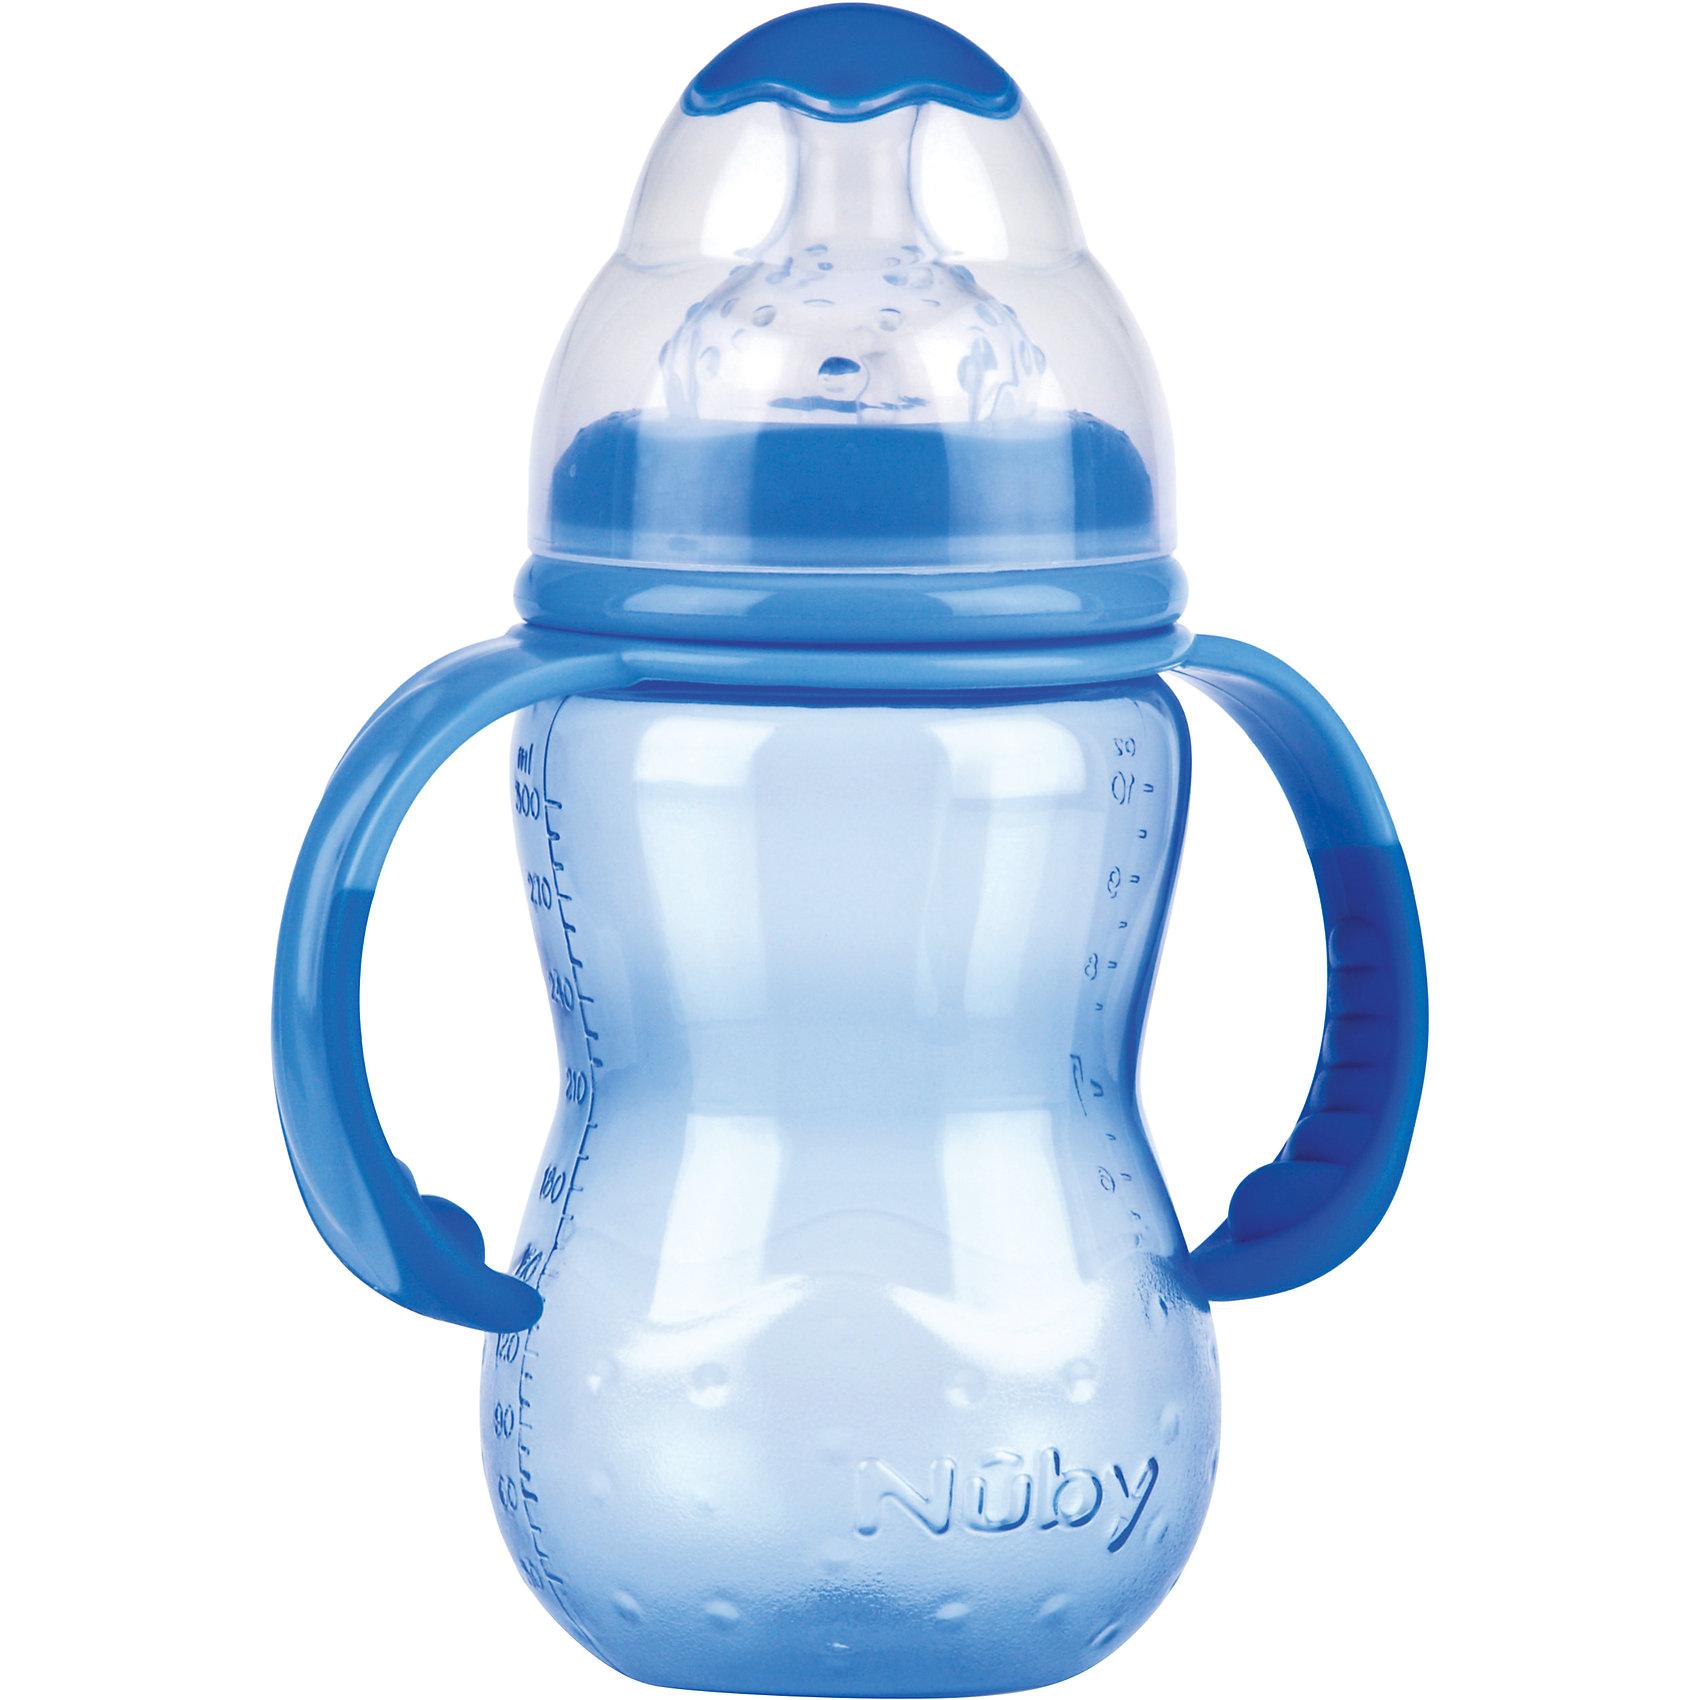 Бутылочка с широким горлом, Nuby, 300 мл., голубойБутылочки с широким горлом нетрудно наполнять и очищать. Форма такой бутылочки больше соответствует естественной форме материнской груди. Съемные ручки позволяют малышу самостоятельно держать бутылочку, если он хочет.<br>Специальная конструкция соски предотвращает вытекание жидкости. Соска помогает малышу привести скорость питья в соответствие с его индивидуальными потребностями. Чем активнее он пьет, тем больше жидкости поступает из бутылочки – совсем как при сосании материнской груди. Пупырышки соски мягко массируют десны малыша. <br>Материал: полипропилен, не содержит  бисфенол A. <br>Соска: многоцелевая соска для бутылочки с широким горлом, силиконовая<br>Бутылочку с широким горлом 300 мл., Nuby можно купить в нашем интернет-магазине.<br><br>Ширина мм: 75<br>Глубина мм: 125<br>Высота мм: 270<br>Вес г: 130<br>Цвет: голубой<br>Возраст от месяцев: 9<br>Возраст до месяцев: 48<br>Пол: Мужской<br>Возраст: Детский<br>SKU: 4318200